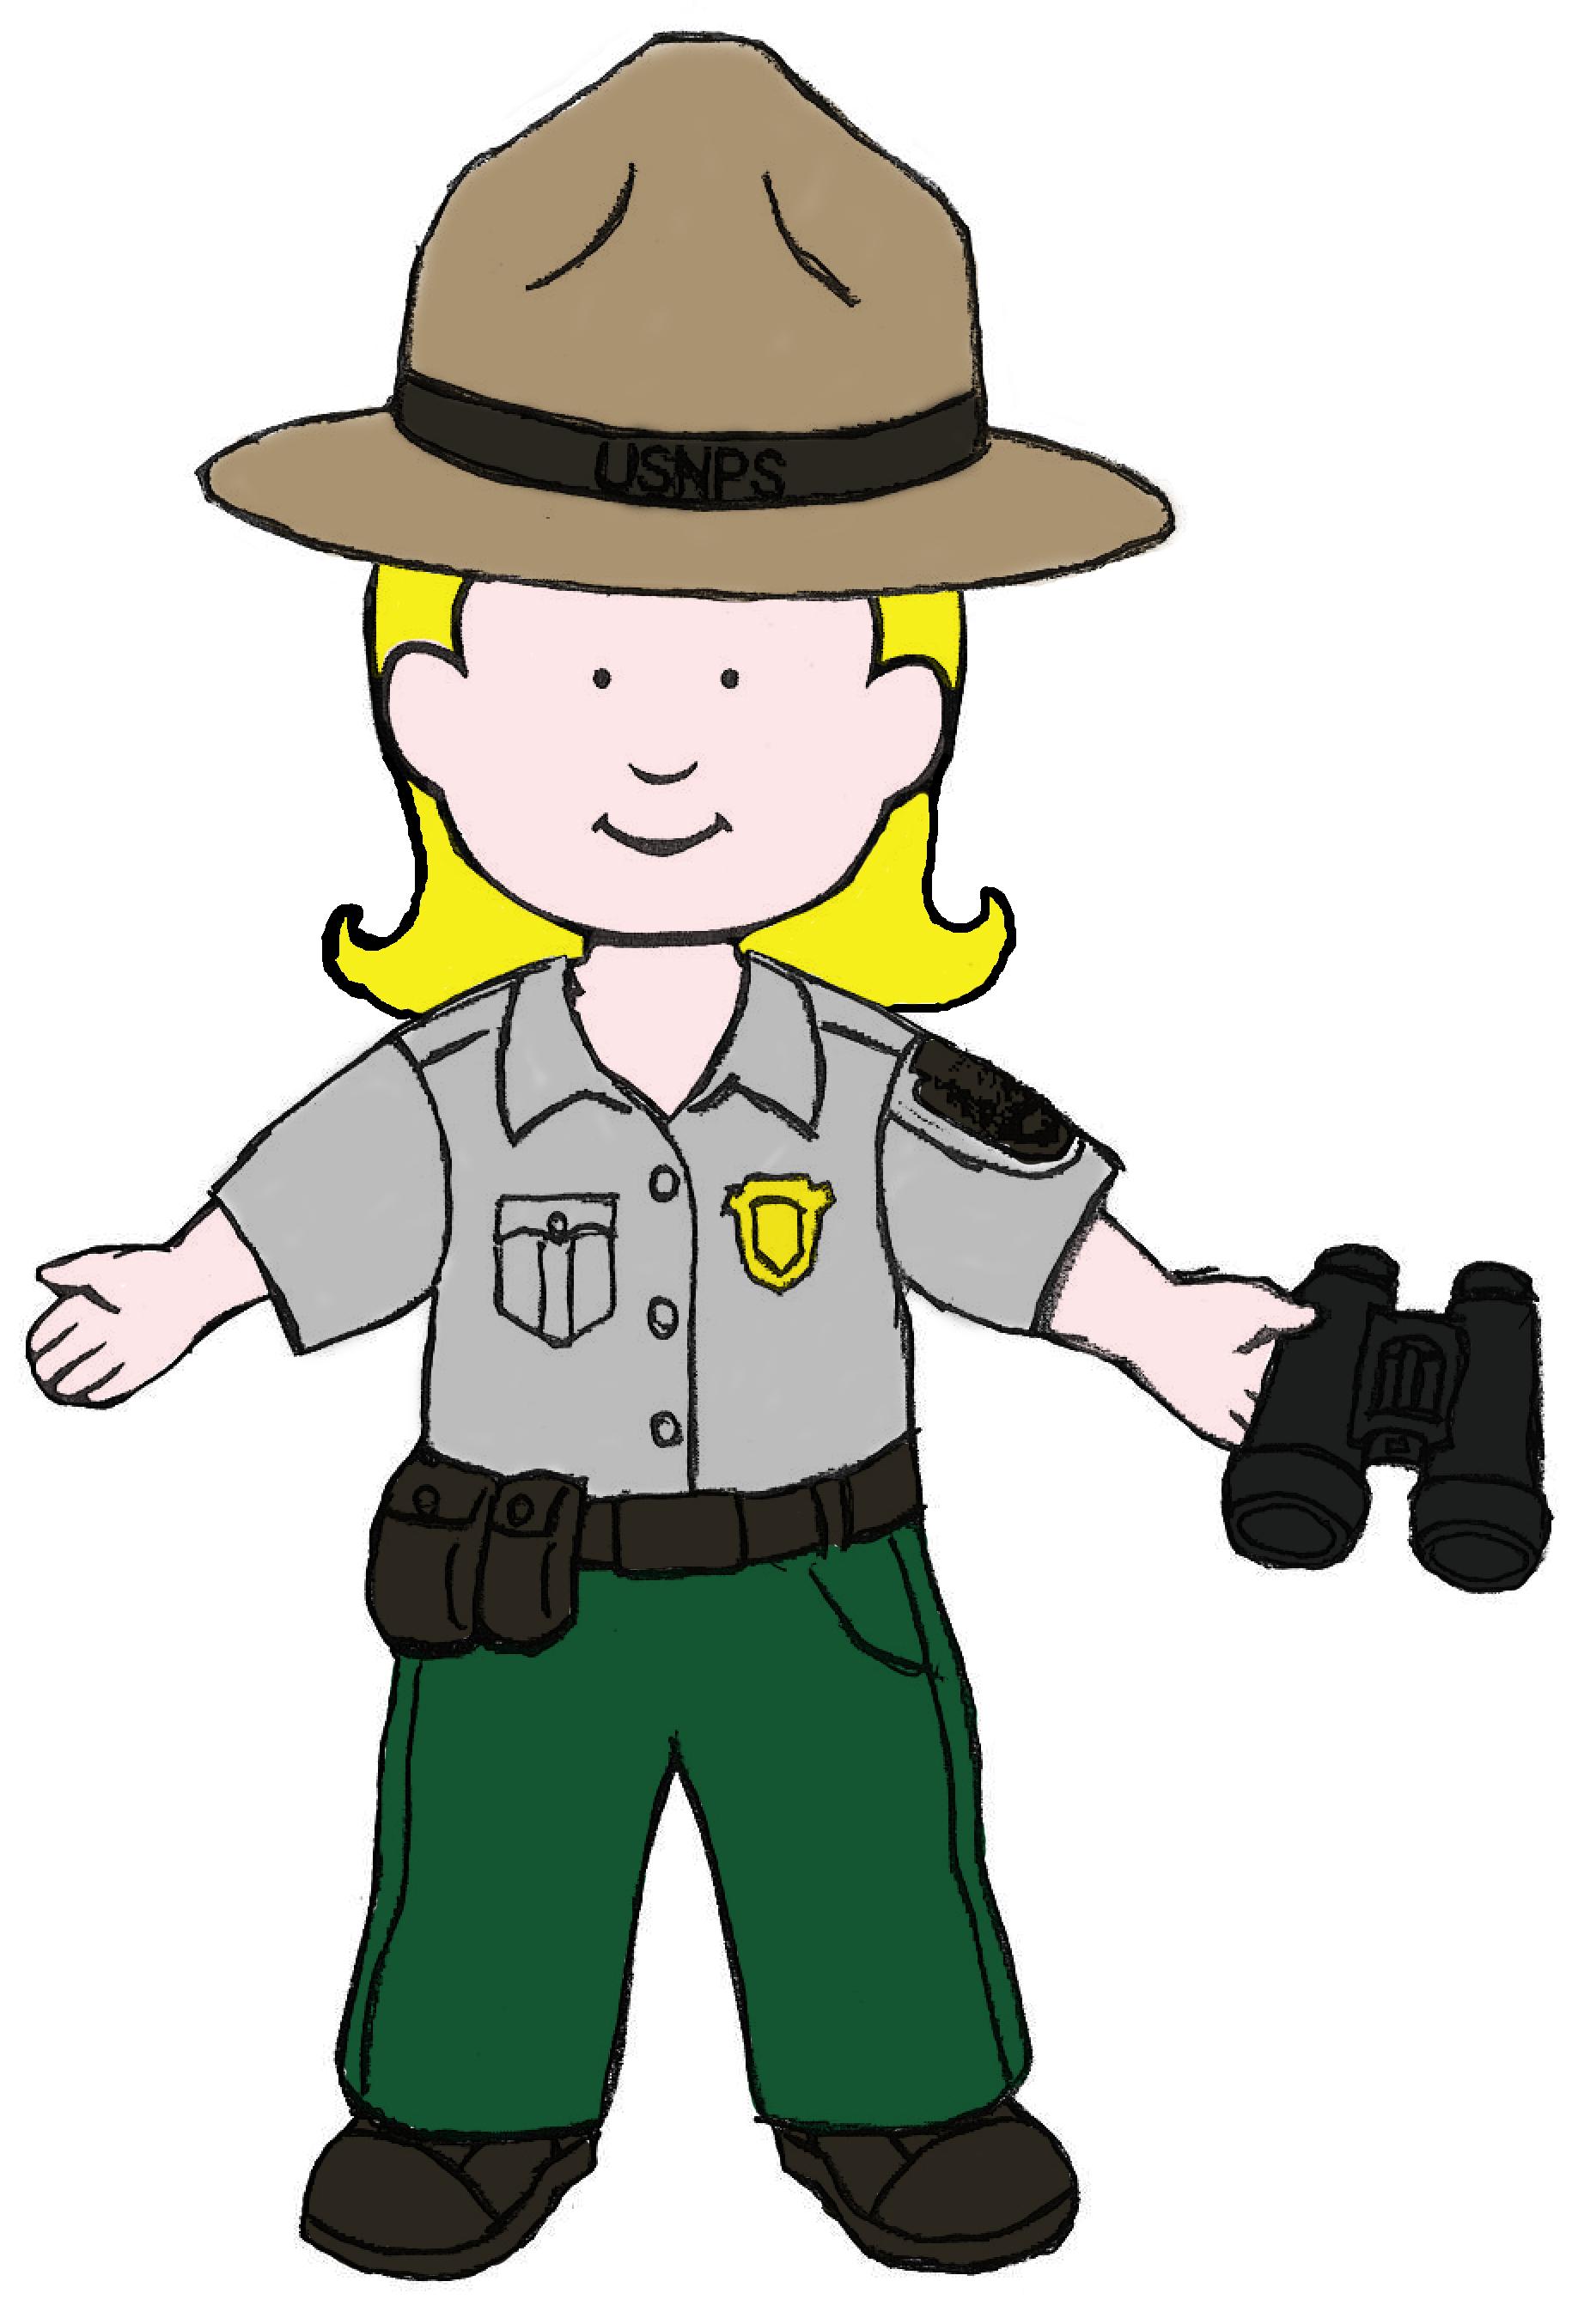 Park ranger clipart 9 » Clipart Station.